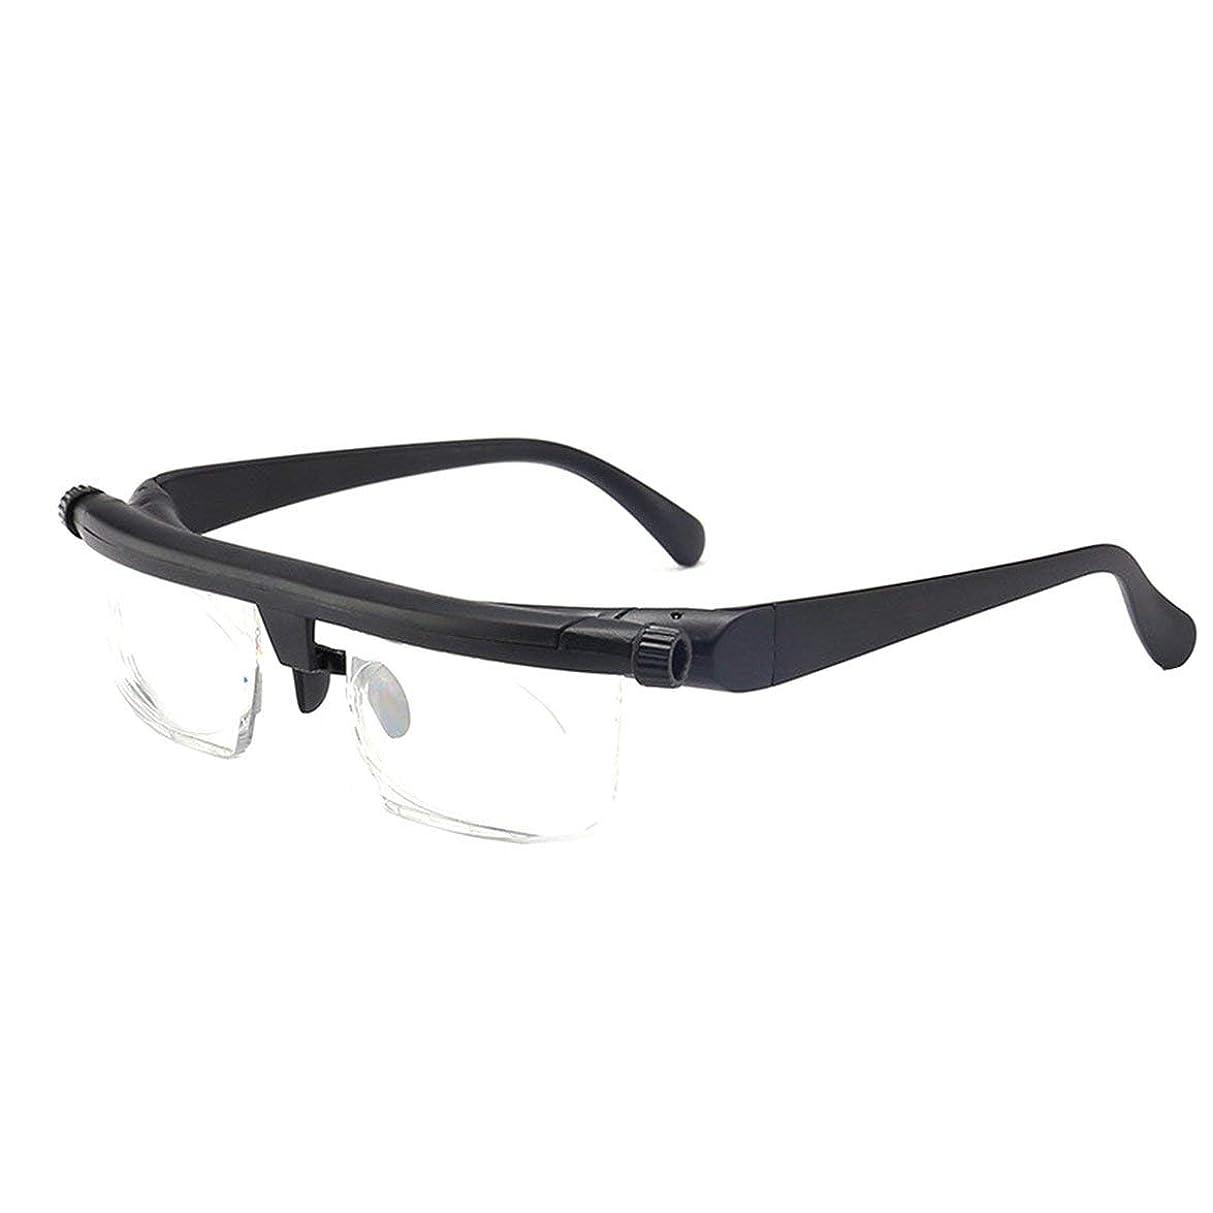 謙虚な一見そばにIntercorey Tr90焦点距離調整老眼鏡は、-6D?+ 3D度の近視老眼鏡に調整できます。